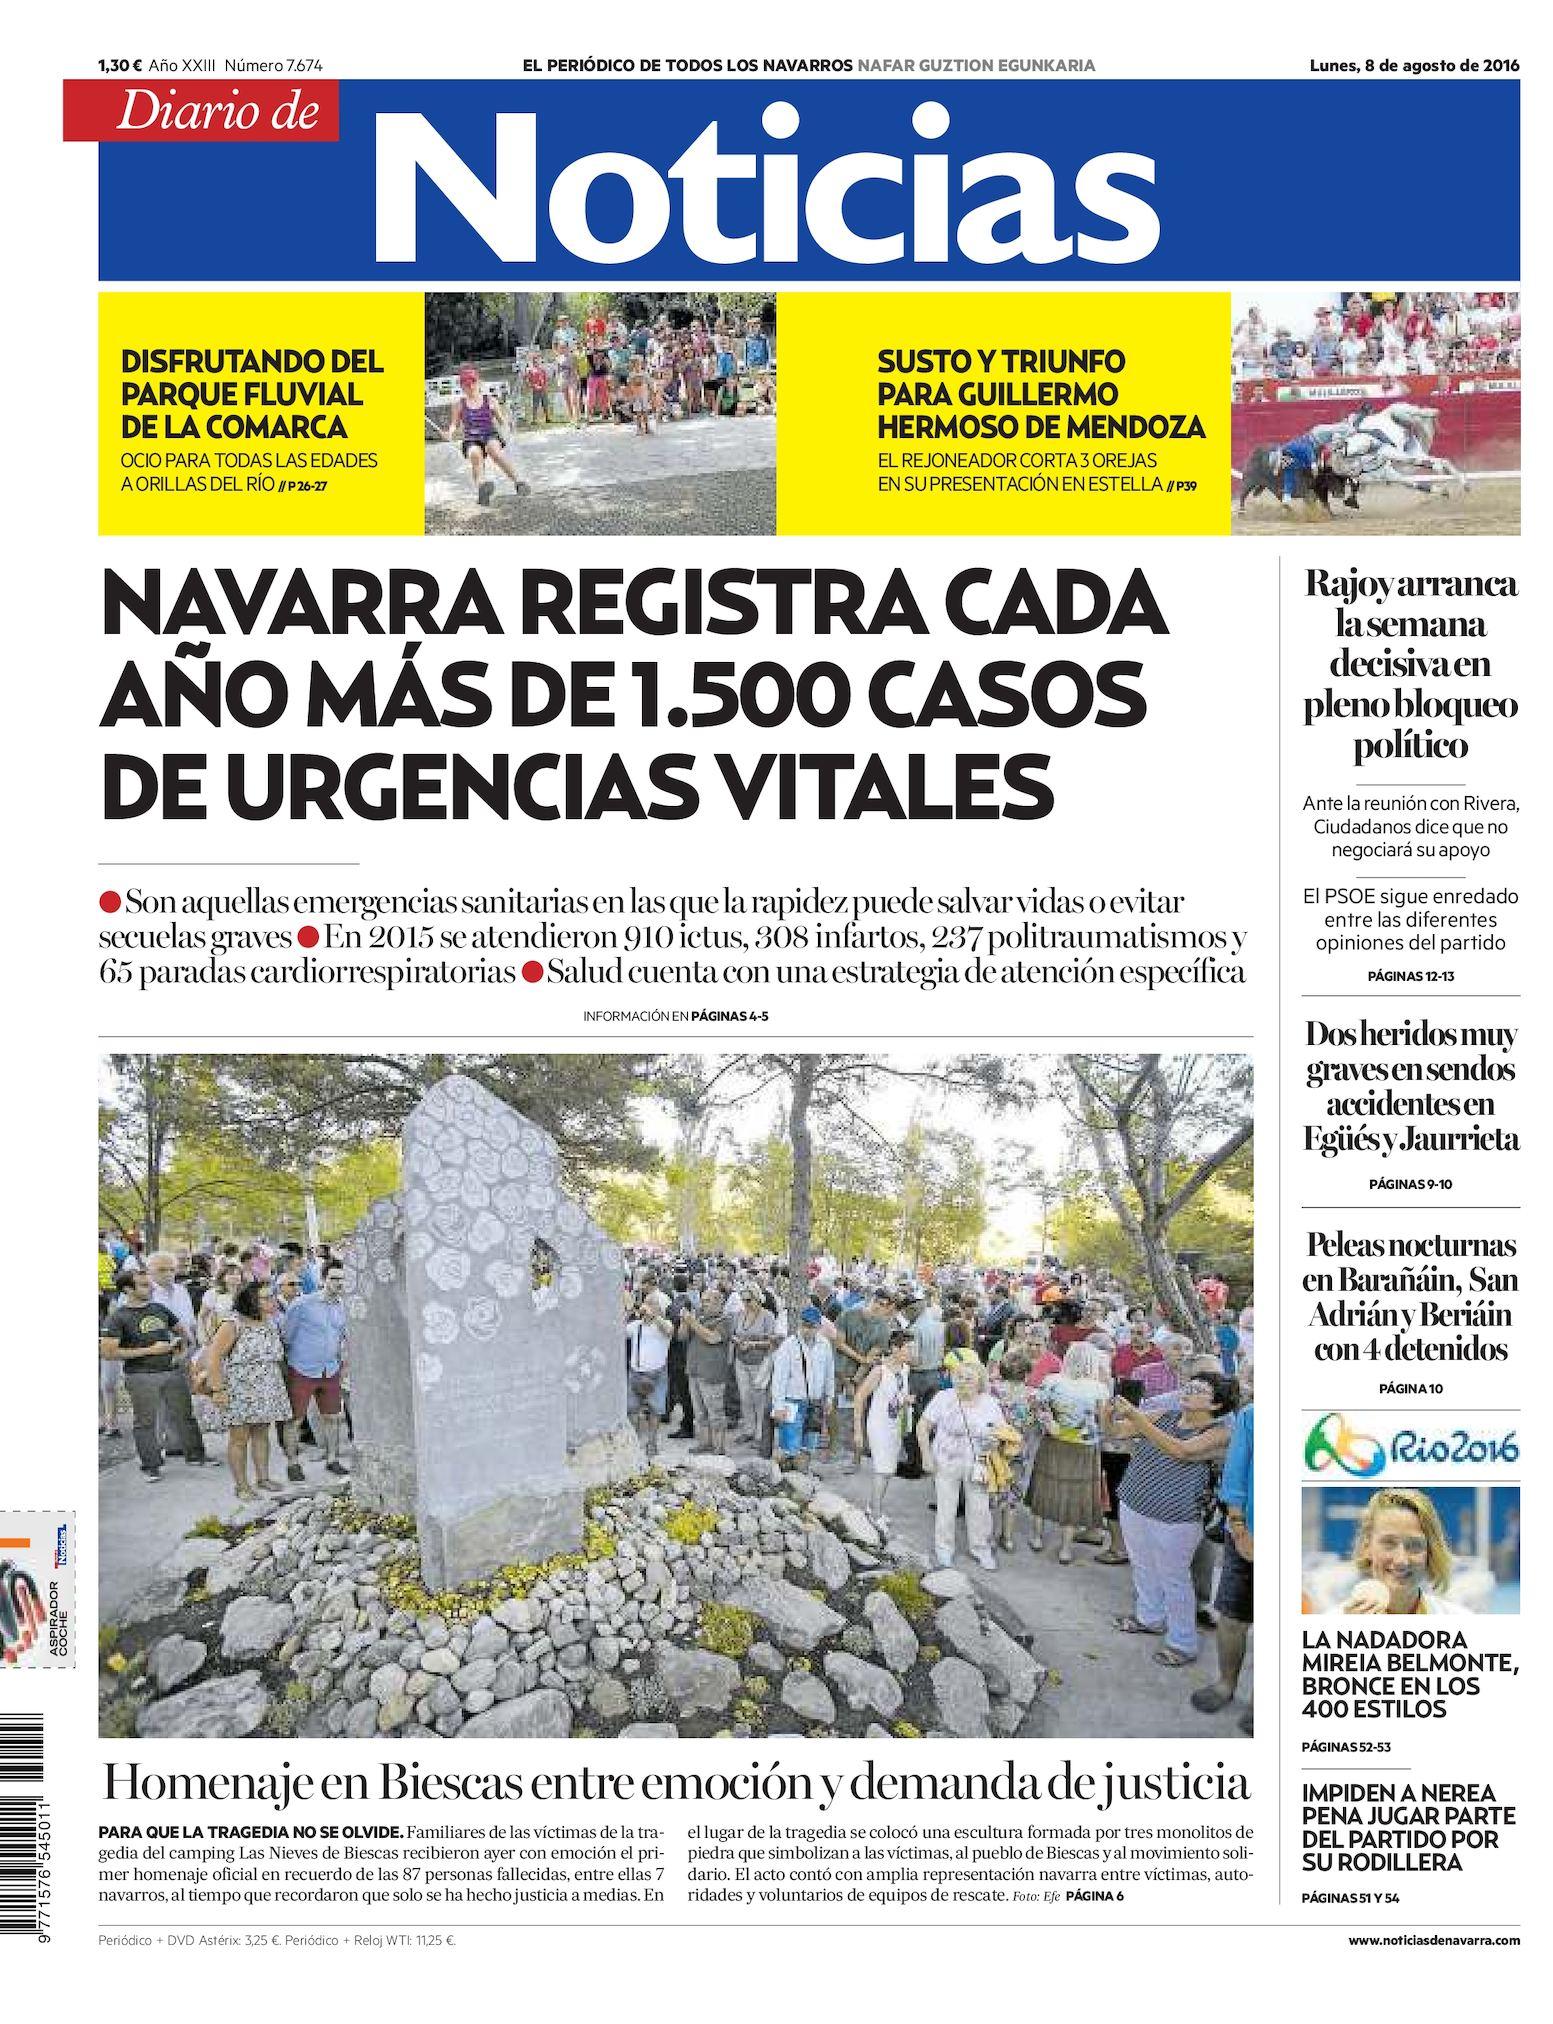 Calaméo - Diario de Noticias 20160808 2019b928b100d